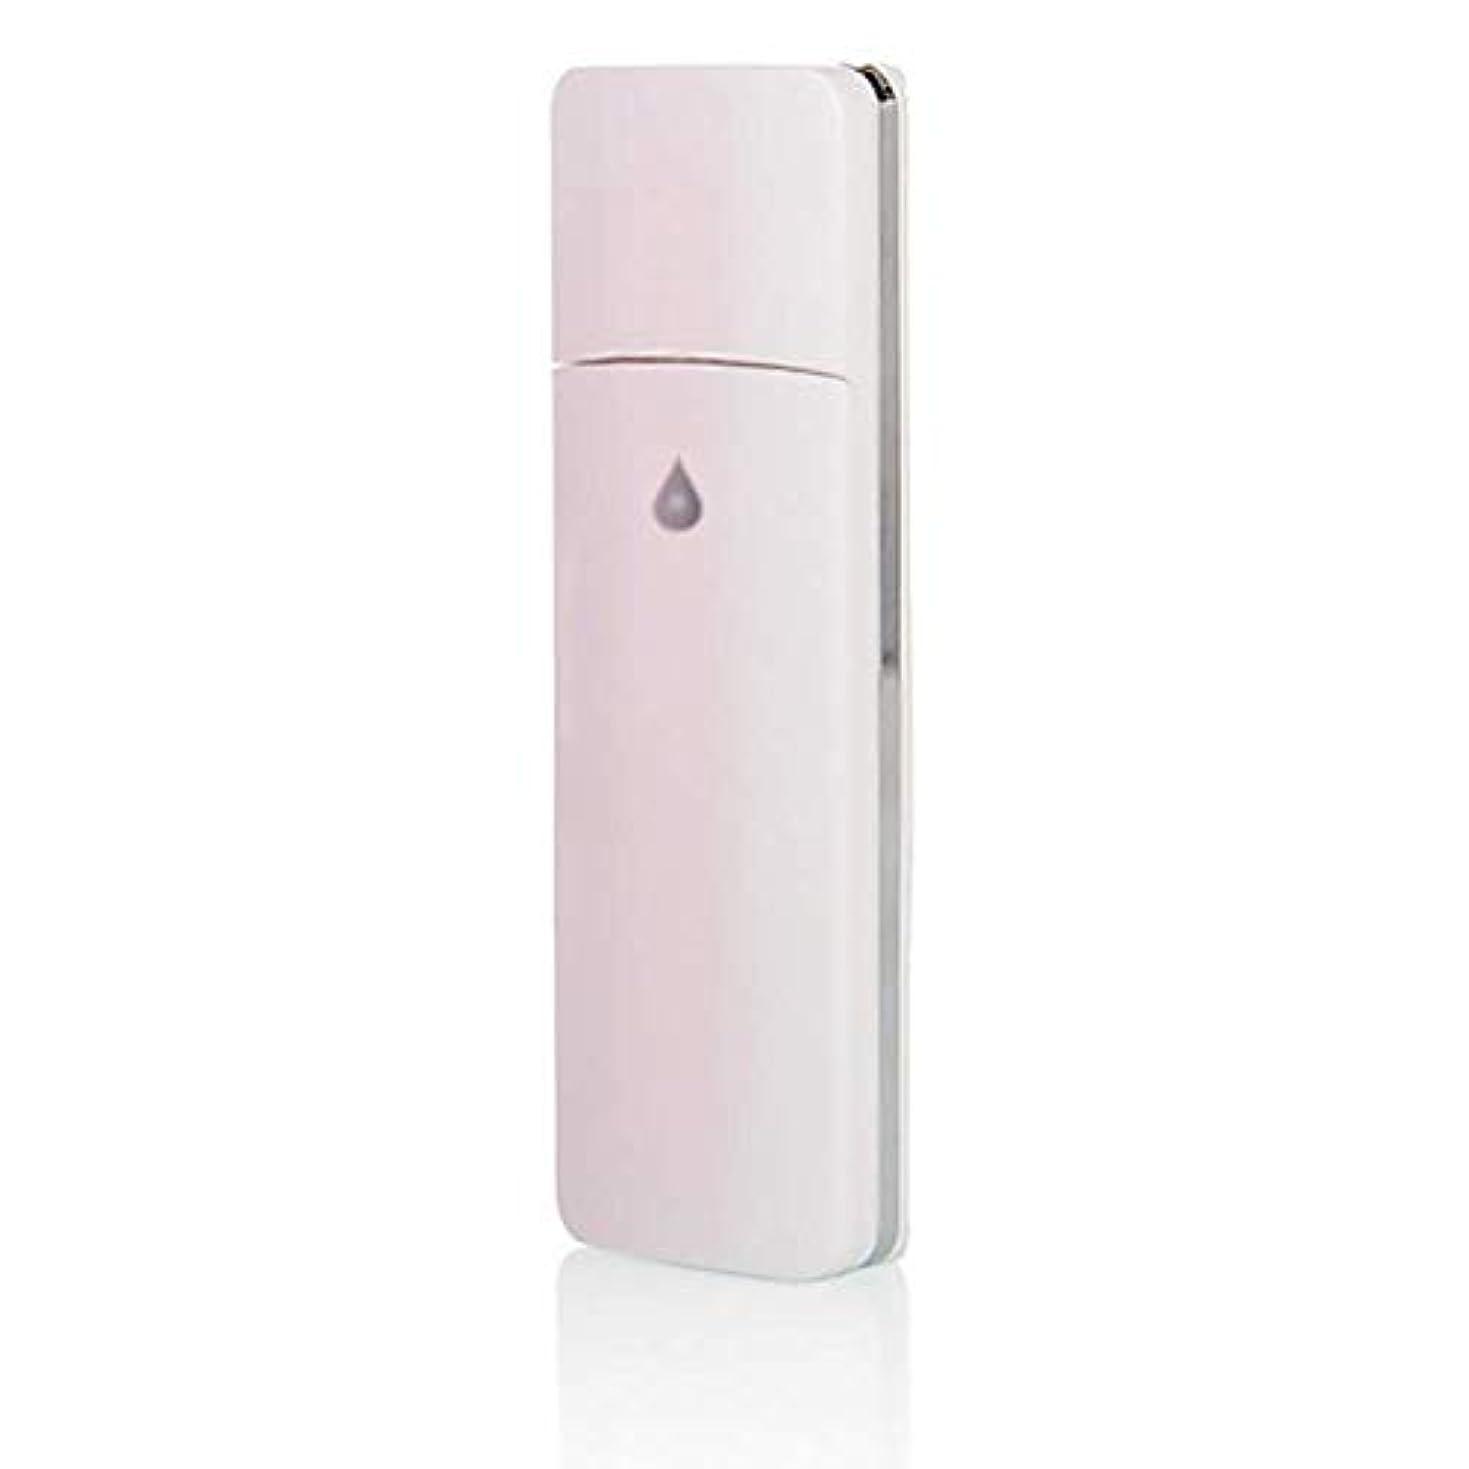 息子詳細に確かにNano Mister Handy Moisturizing Mist Sprayer、USB Rechargeable Facial Sprayer with Portable Facial Atomization、Nano...